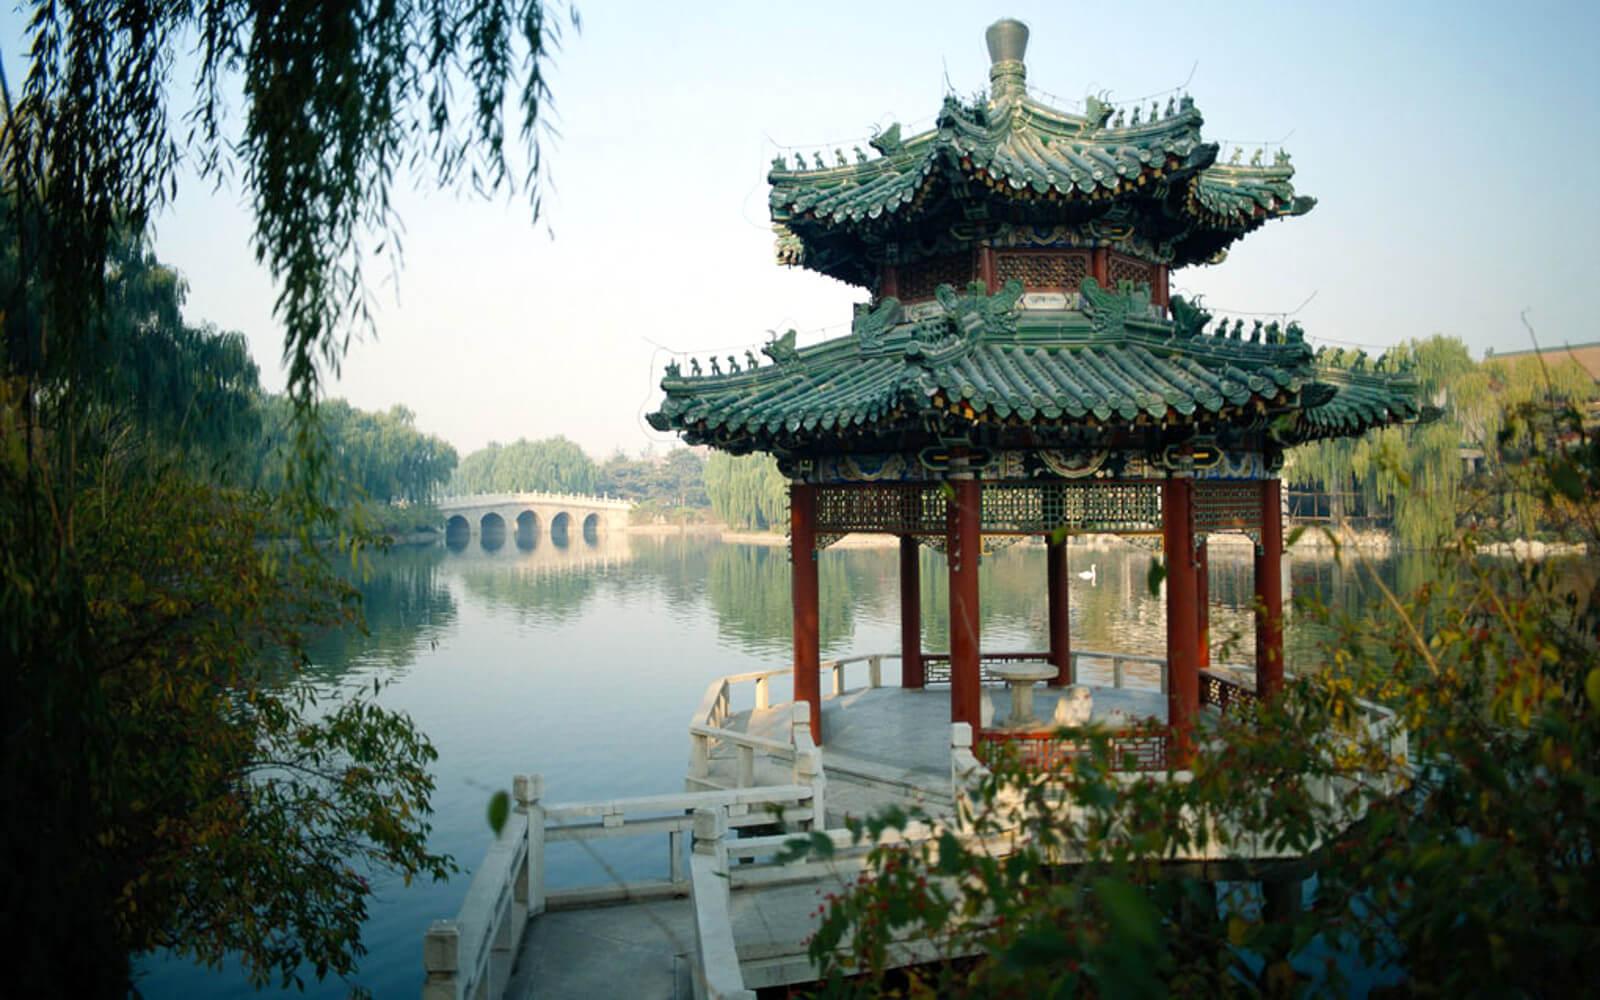 Fernöstliche Architektur im Sommerpalast bei Peking